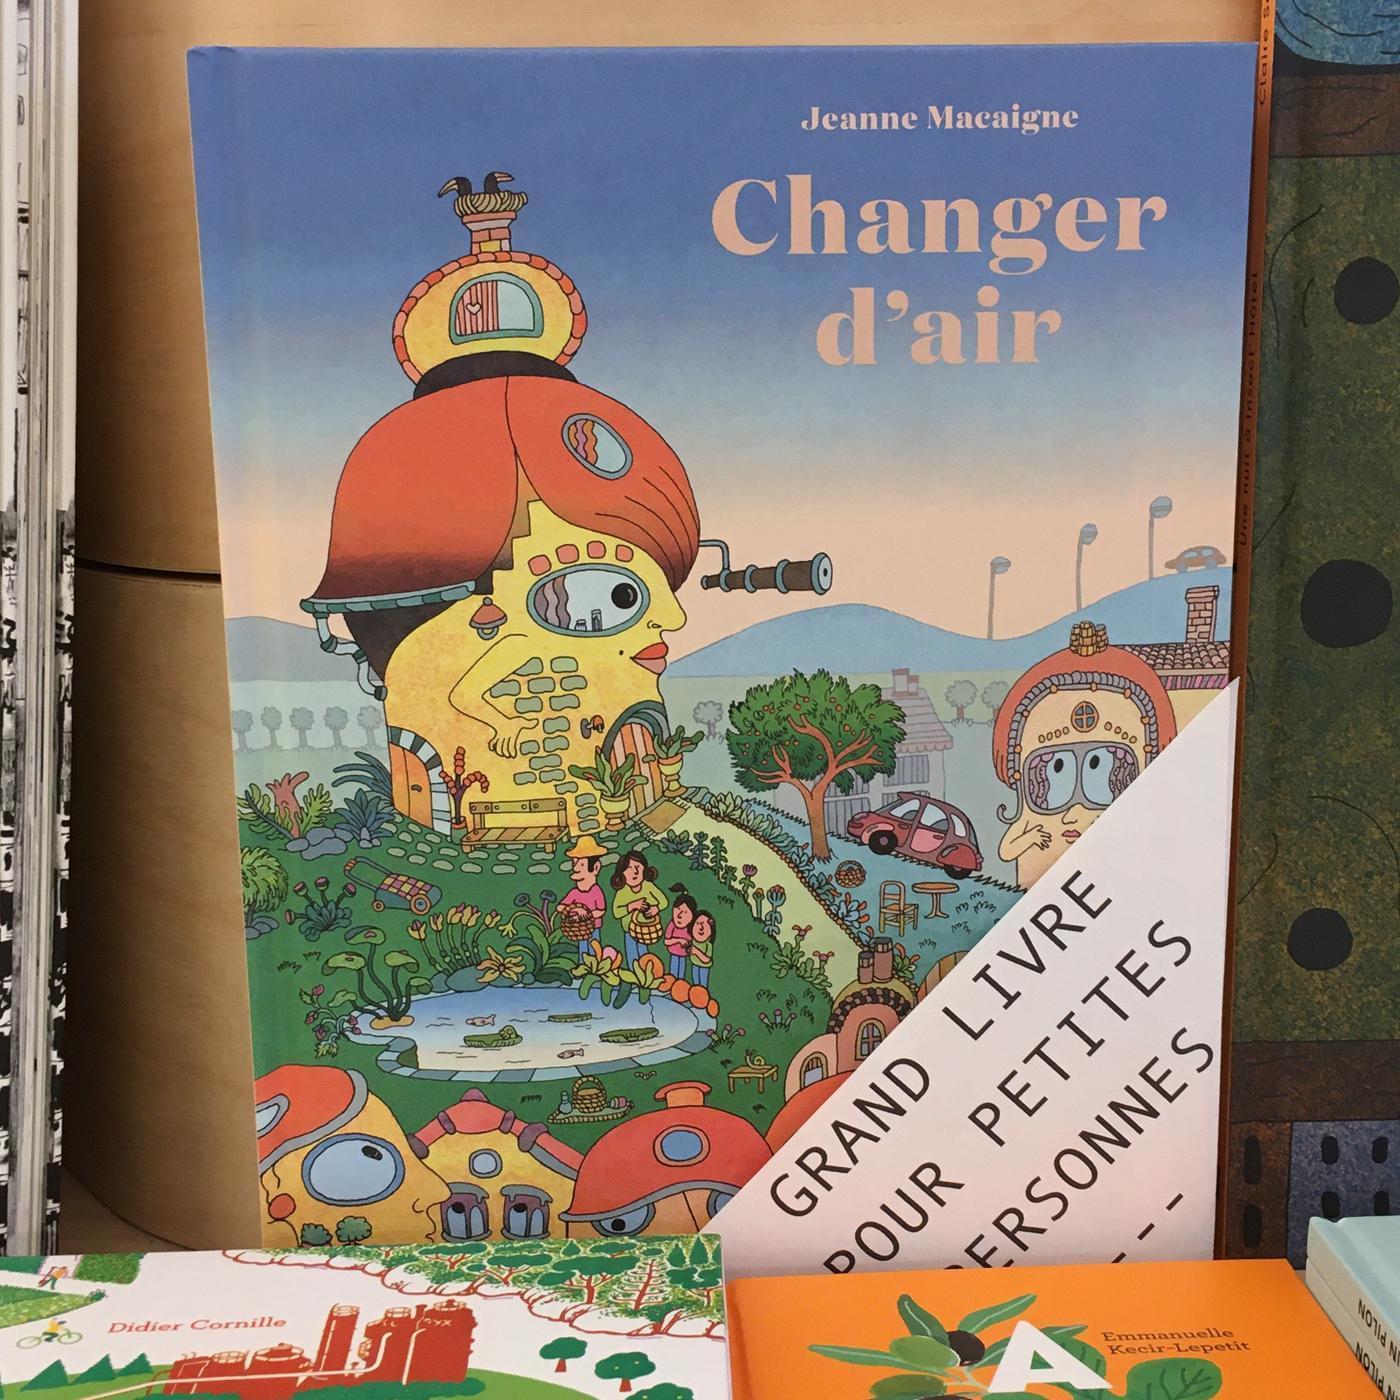 Grands livres pour petites personnes #31 - Changer d'air